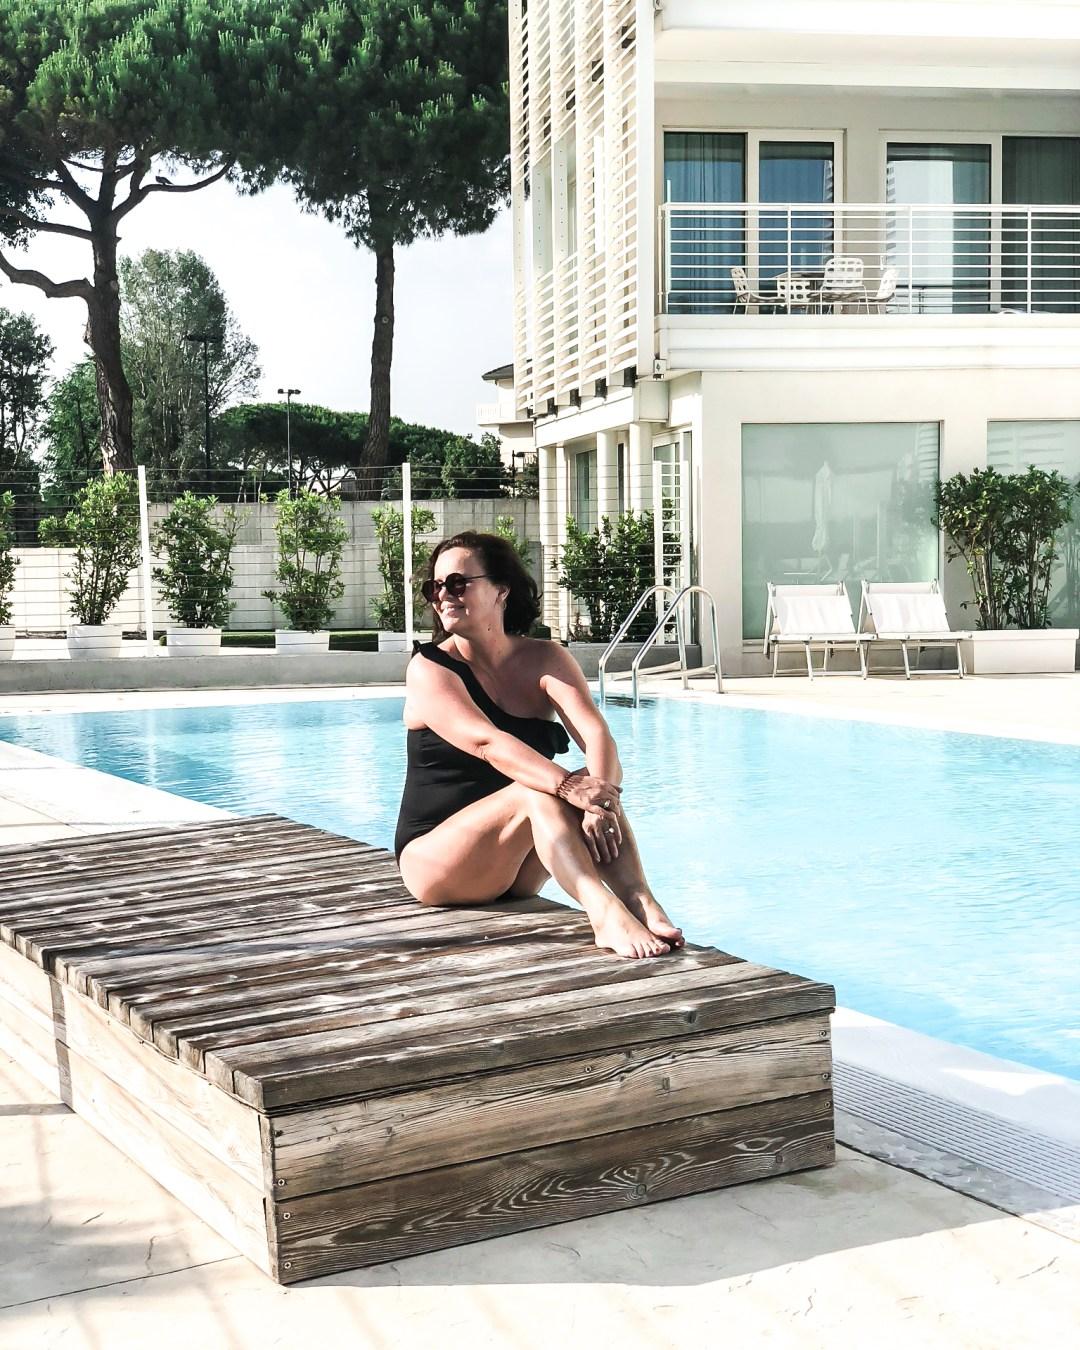 inastil, Ü50Blogger, Caorle, Familienurlaub, Italienurlaub, Strandurlaub, Italienliebe, Italien, Sommerurlaub, Urlaubstipps, Hoteltipp, Familienurlaub in Italien,_-5